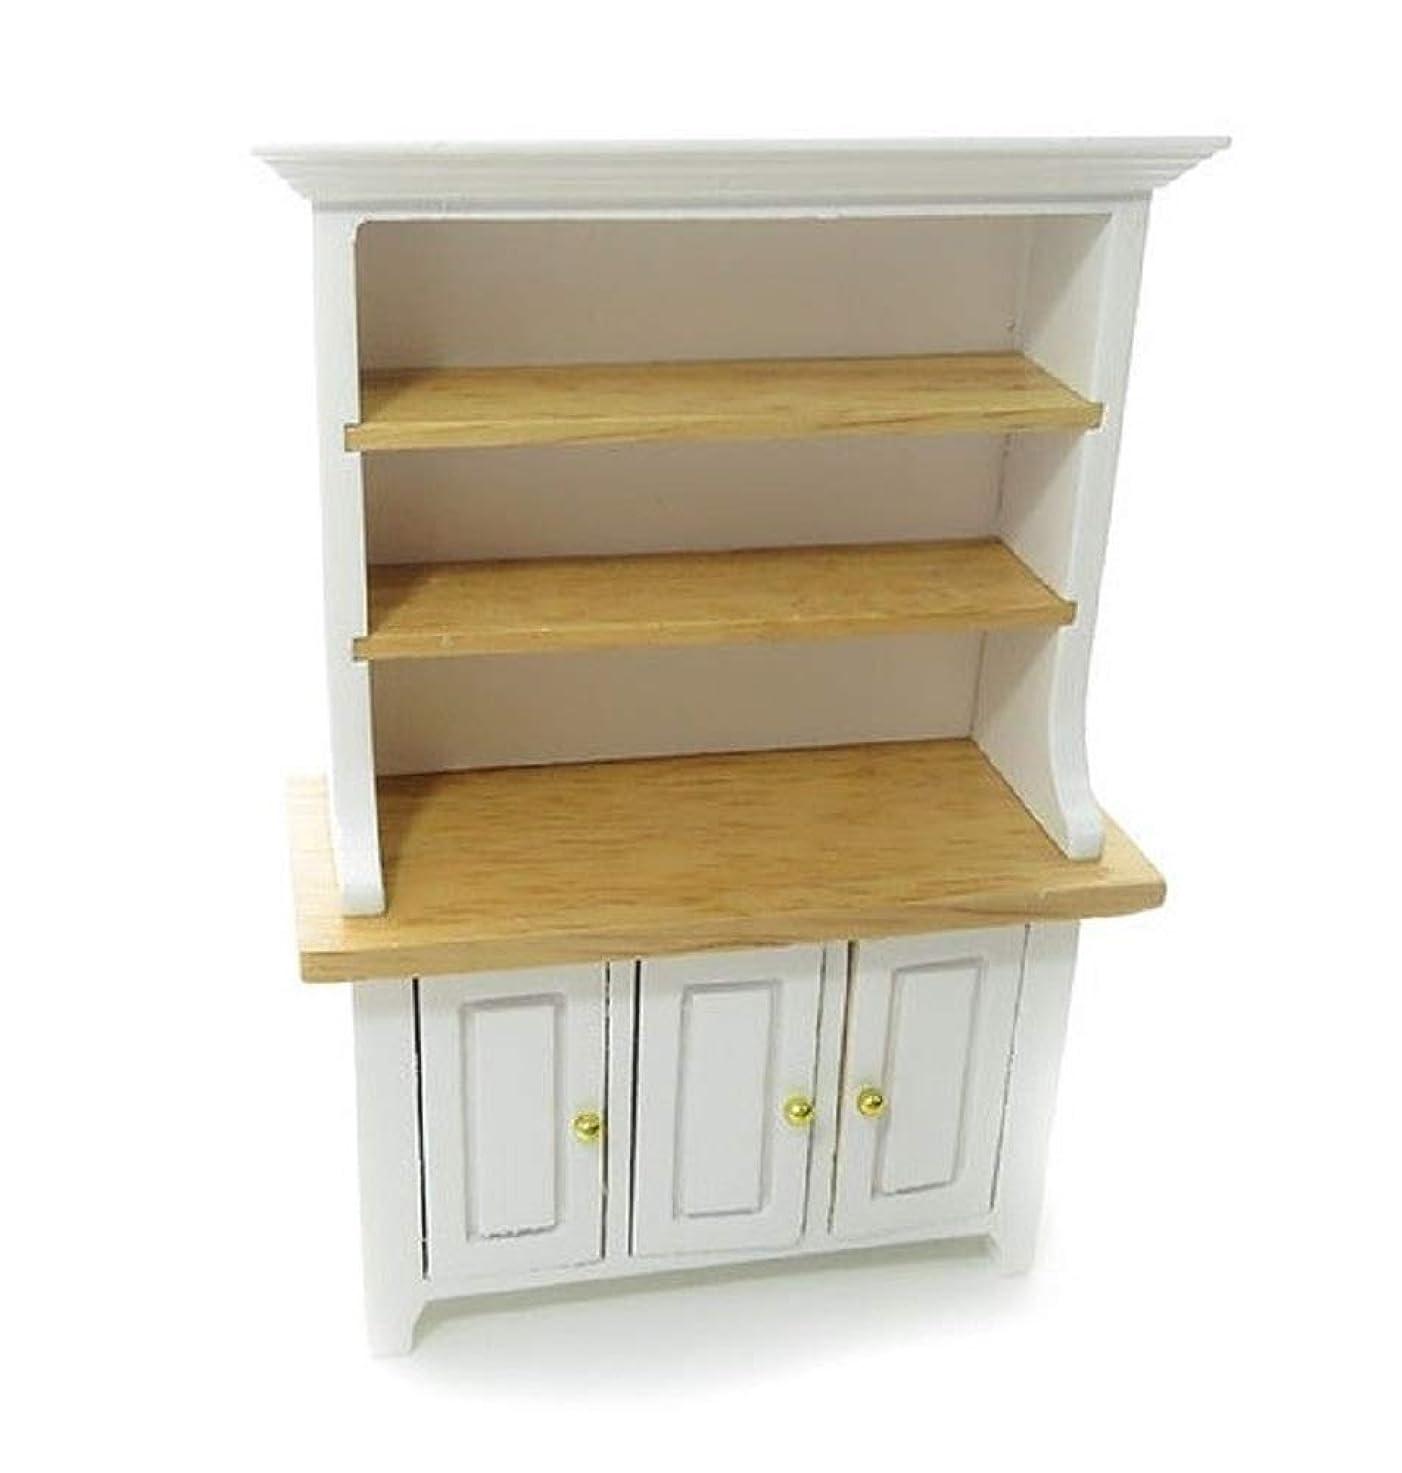 豚肉チューリップ守るドールハウスホワイト&ライトオーク3ドアドレッサーダイニングルームキッチン家具